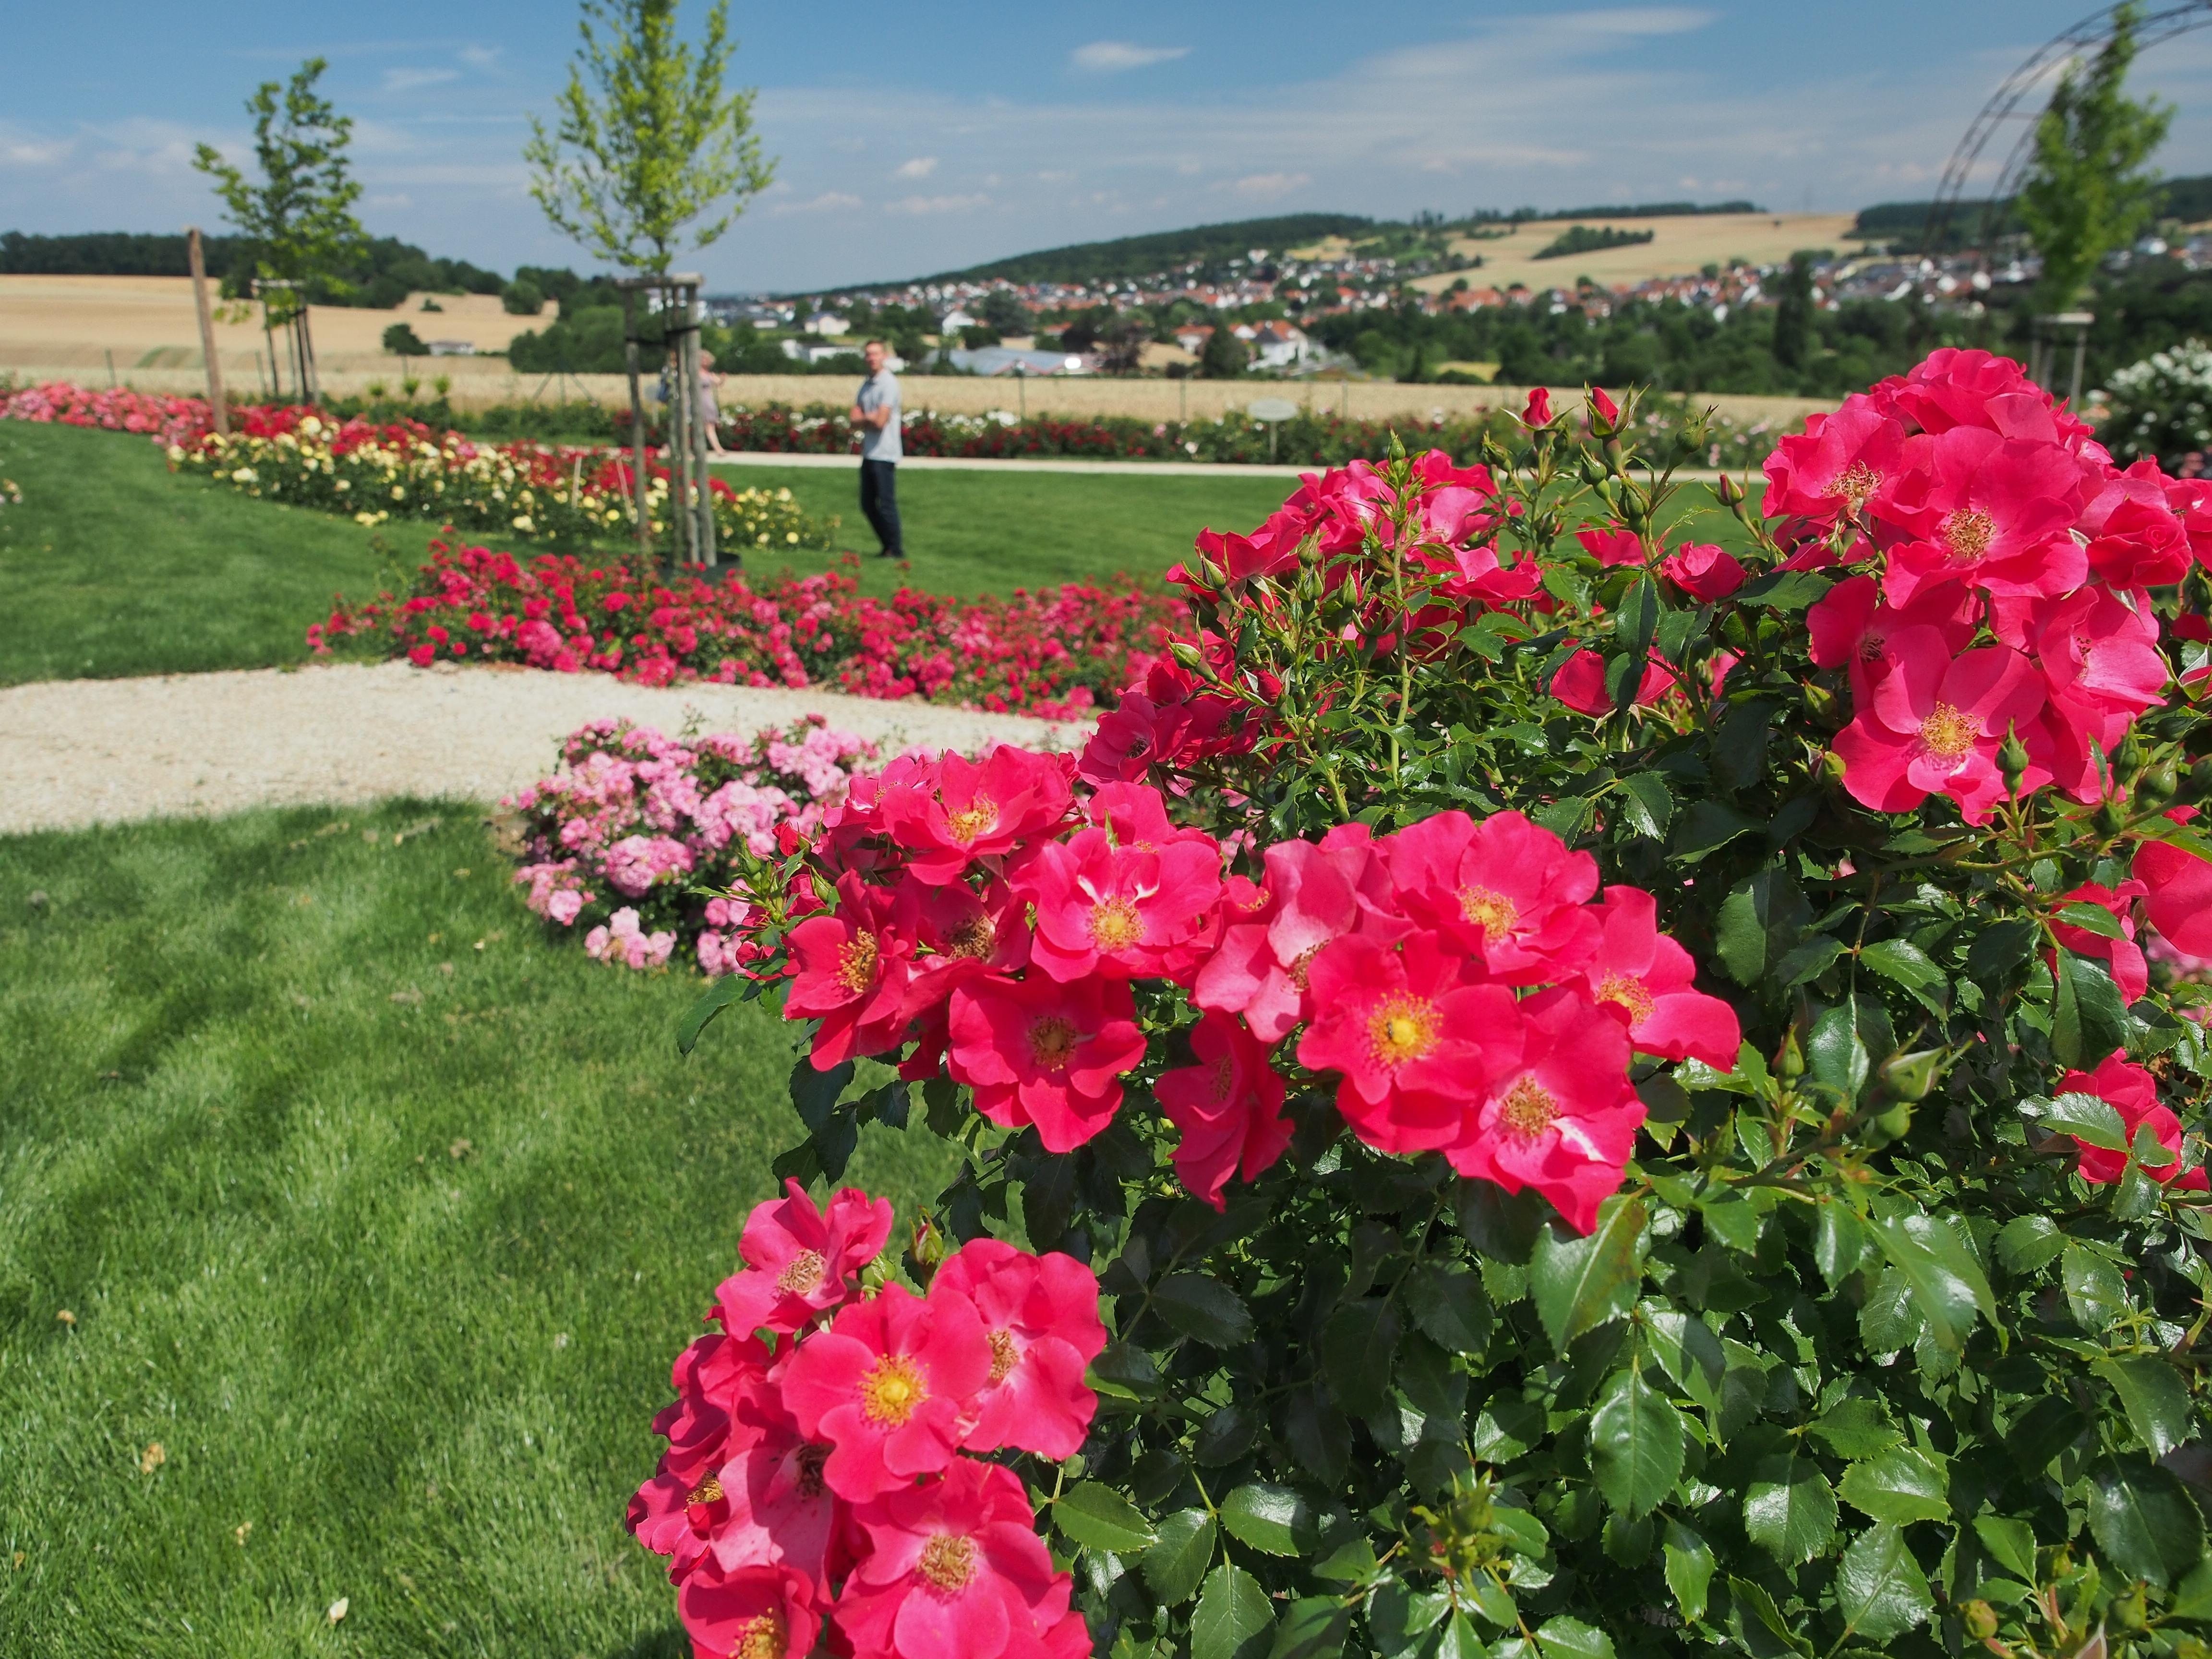 kwiaty róży STADT ROM